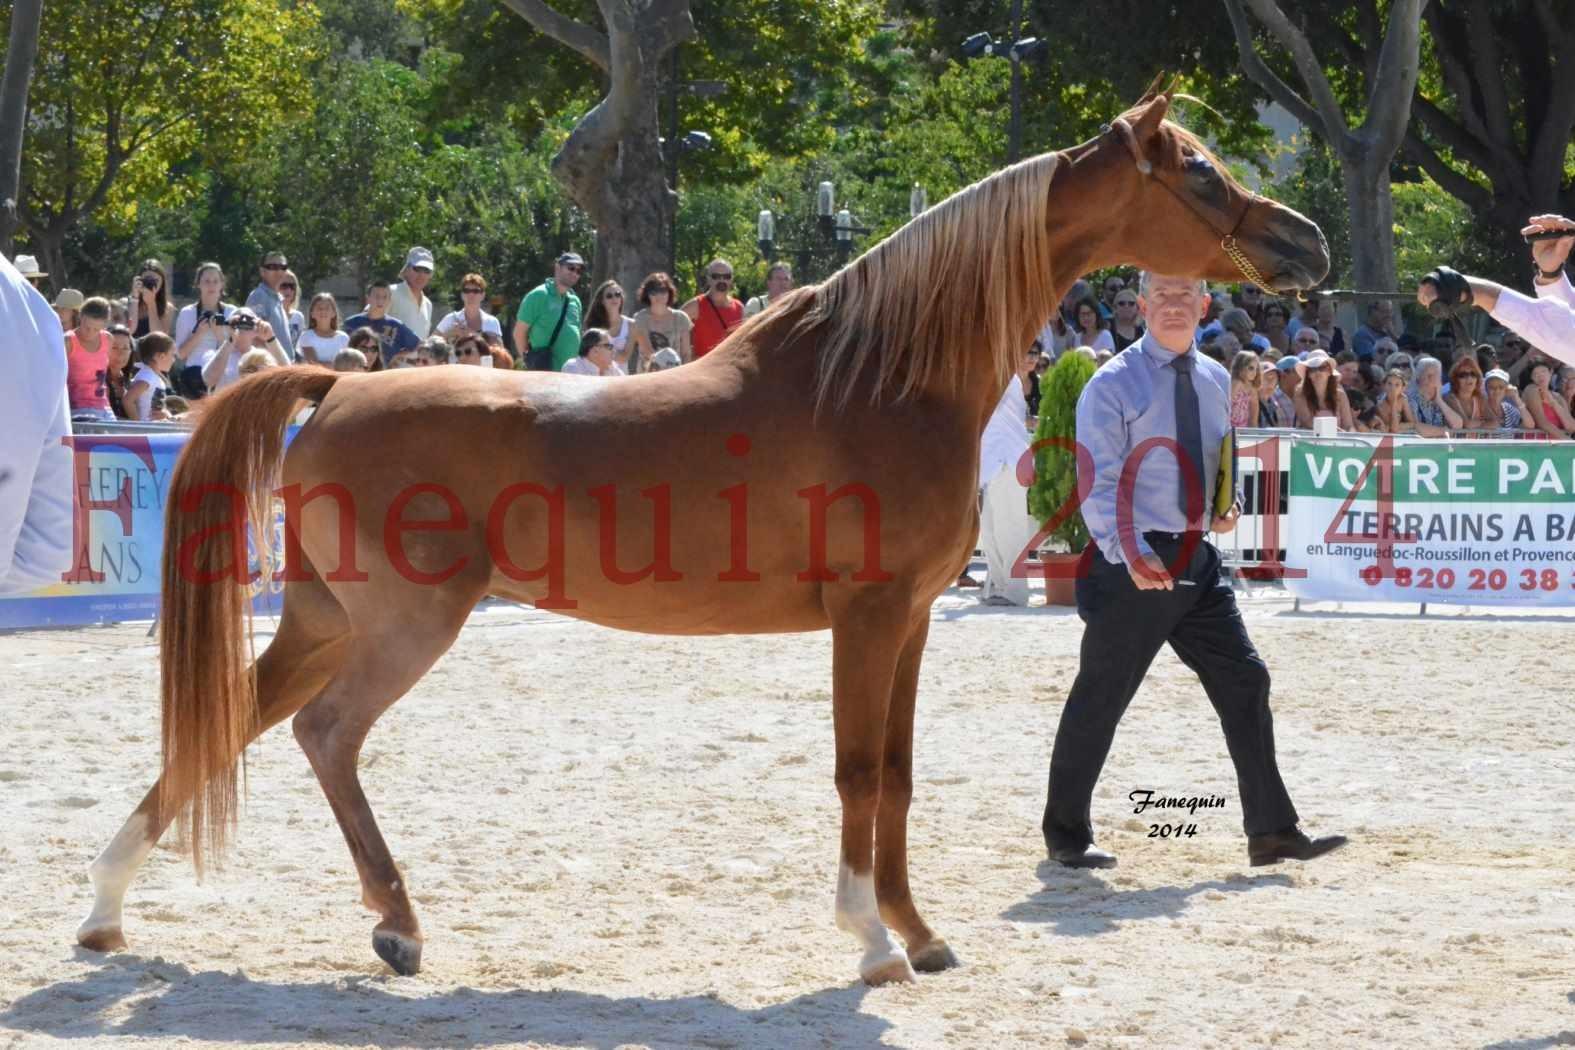 Concours National de Nîmes de chevaux ARABES 2014 - Notre Sélection - MASSAI DE BARREL - 05